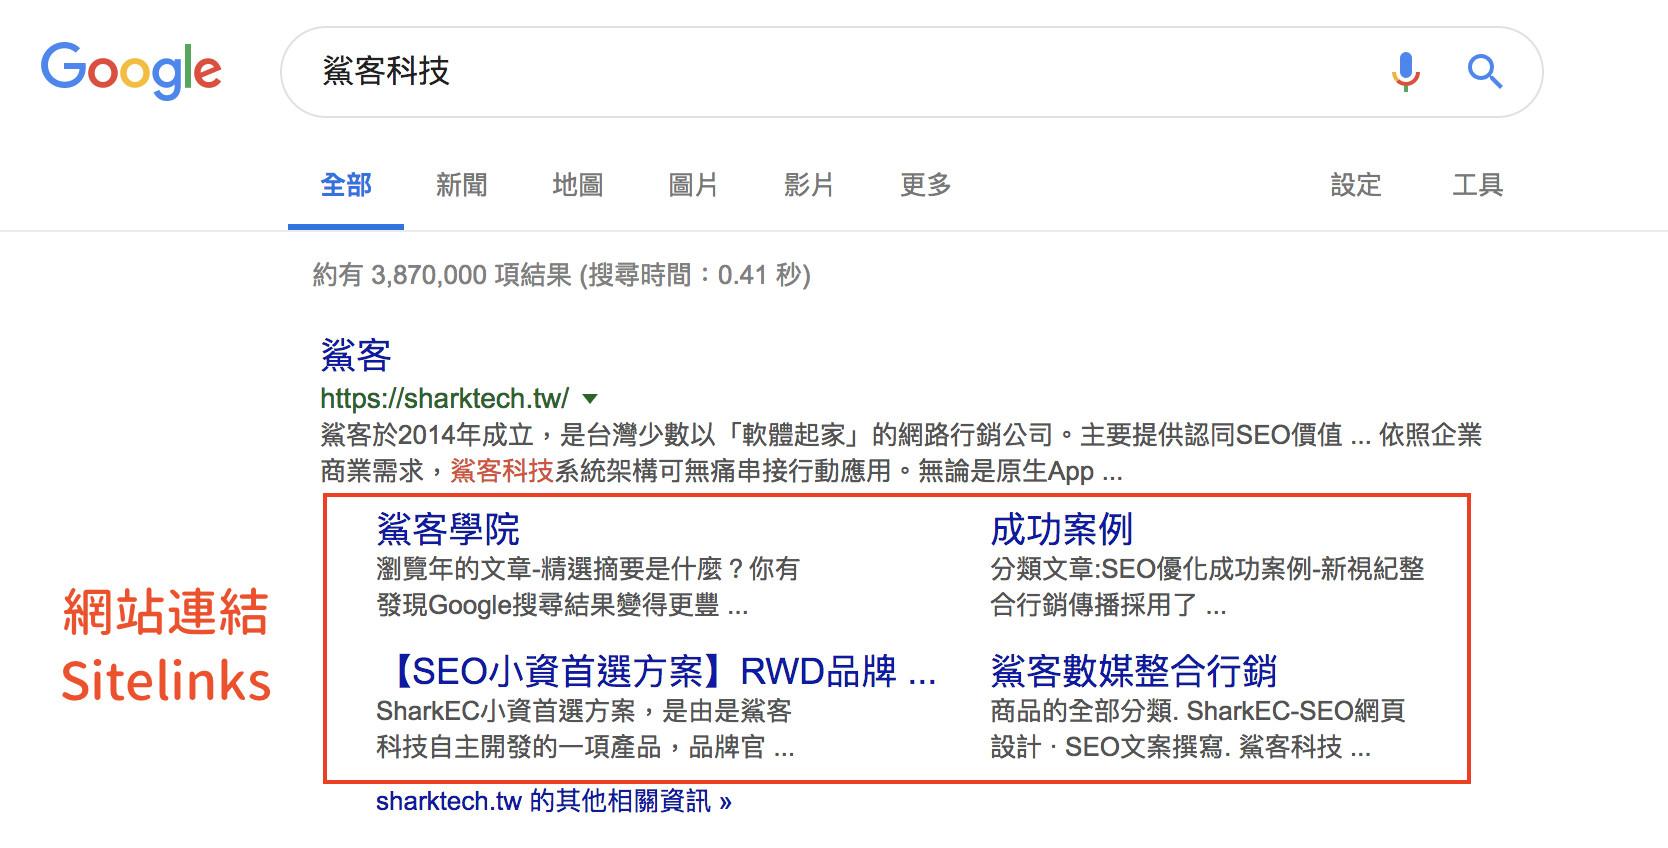 網站Sitelinks範例-鯊客科技SEO優化公司/網頁設計